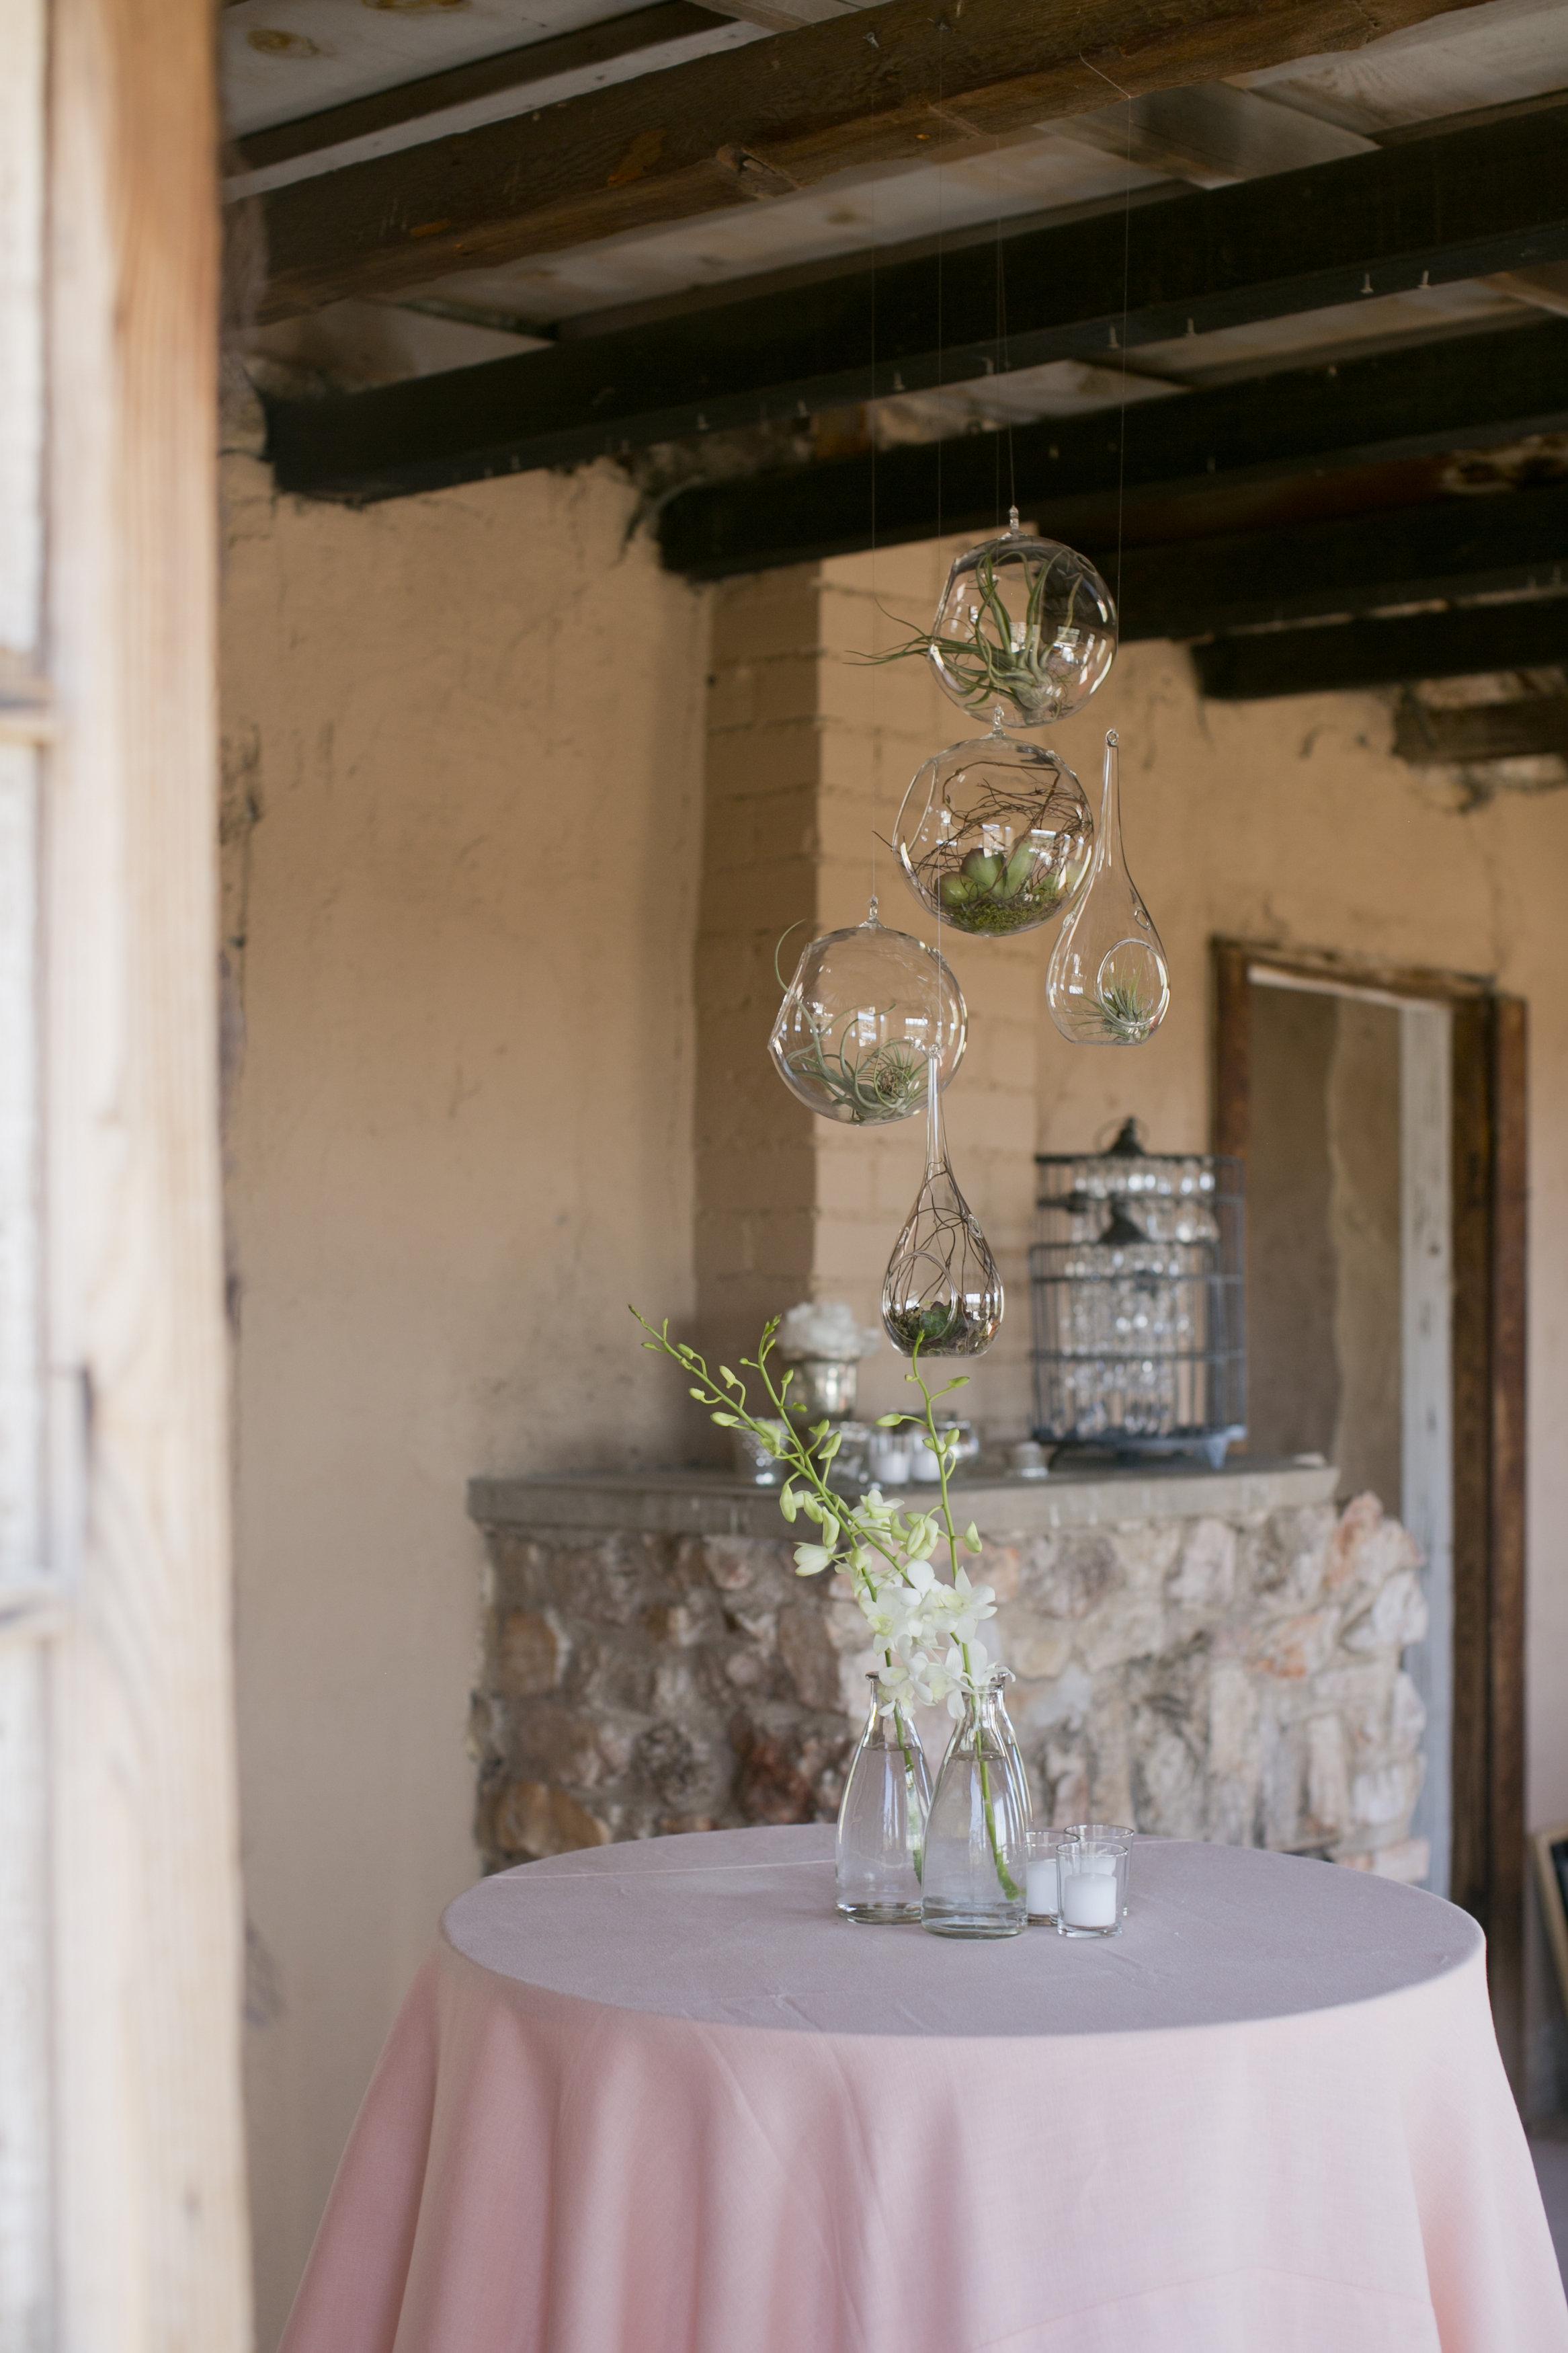 Ceci_New_York_Ceci_Style_Ceci_Johnson_Luxury_Lifestyle_Arizona_Wedding_Watercolor_Inspiration_Design_Custom_Couture_Personalized_Invitations_82.jpg